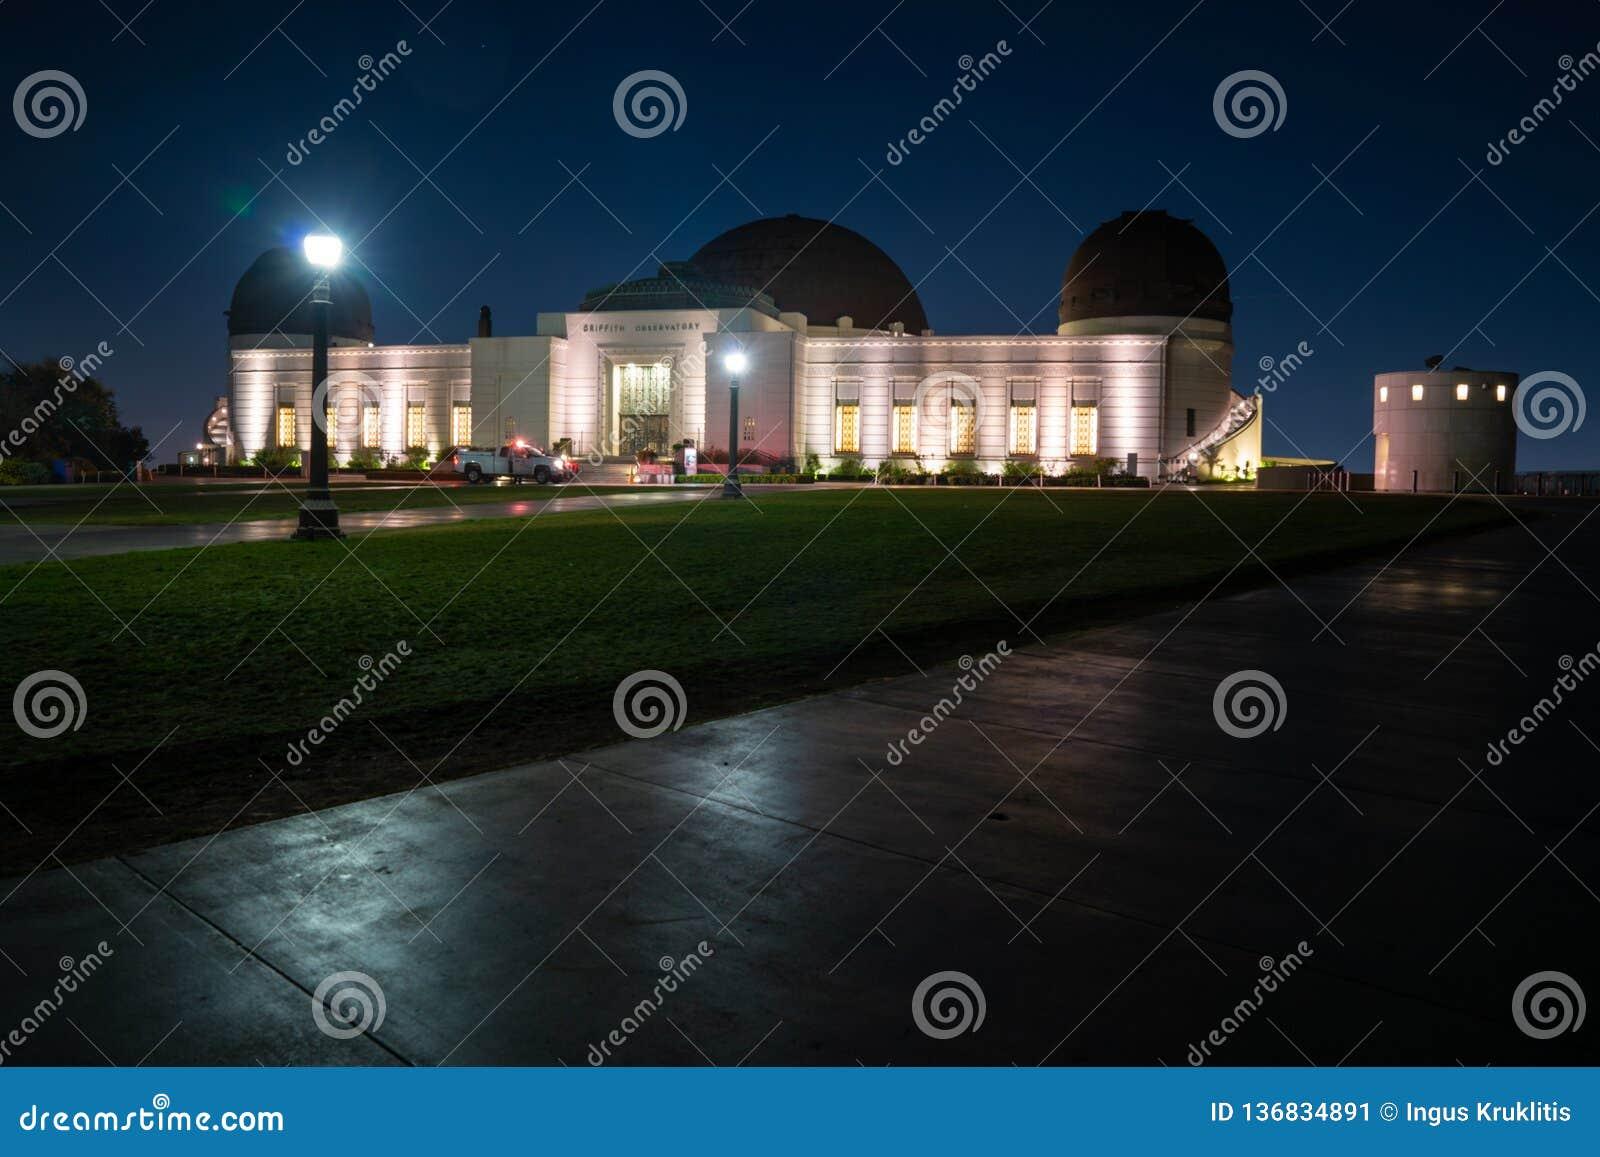 Griffith Observatory en la noche con millares de estrellas